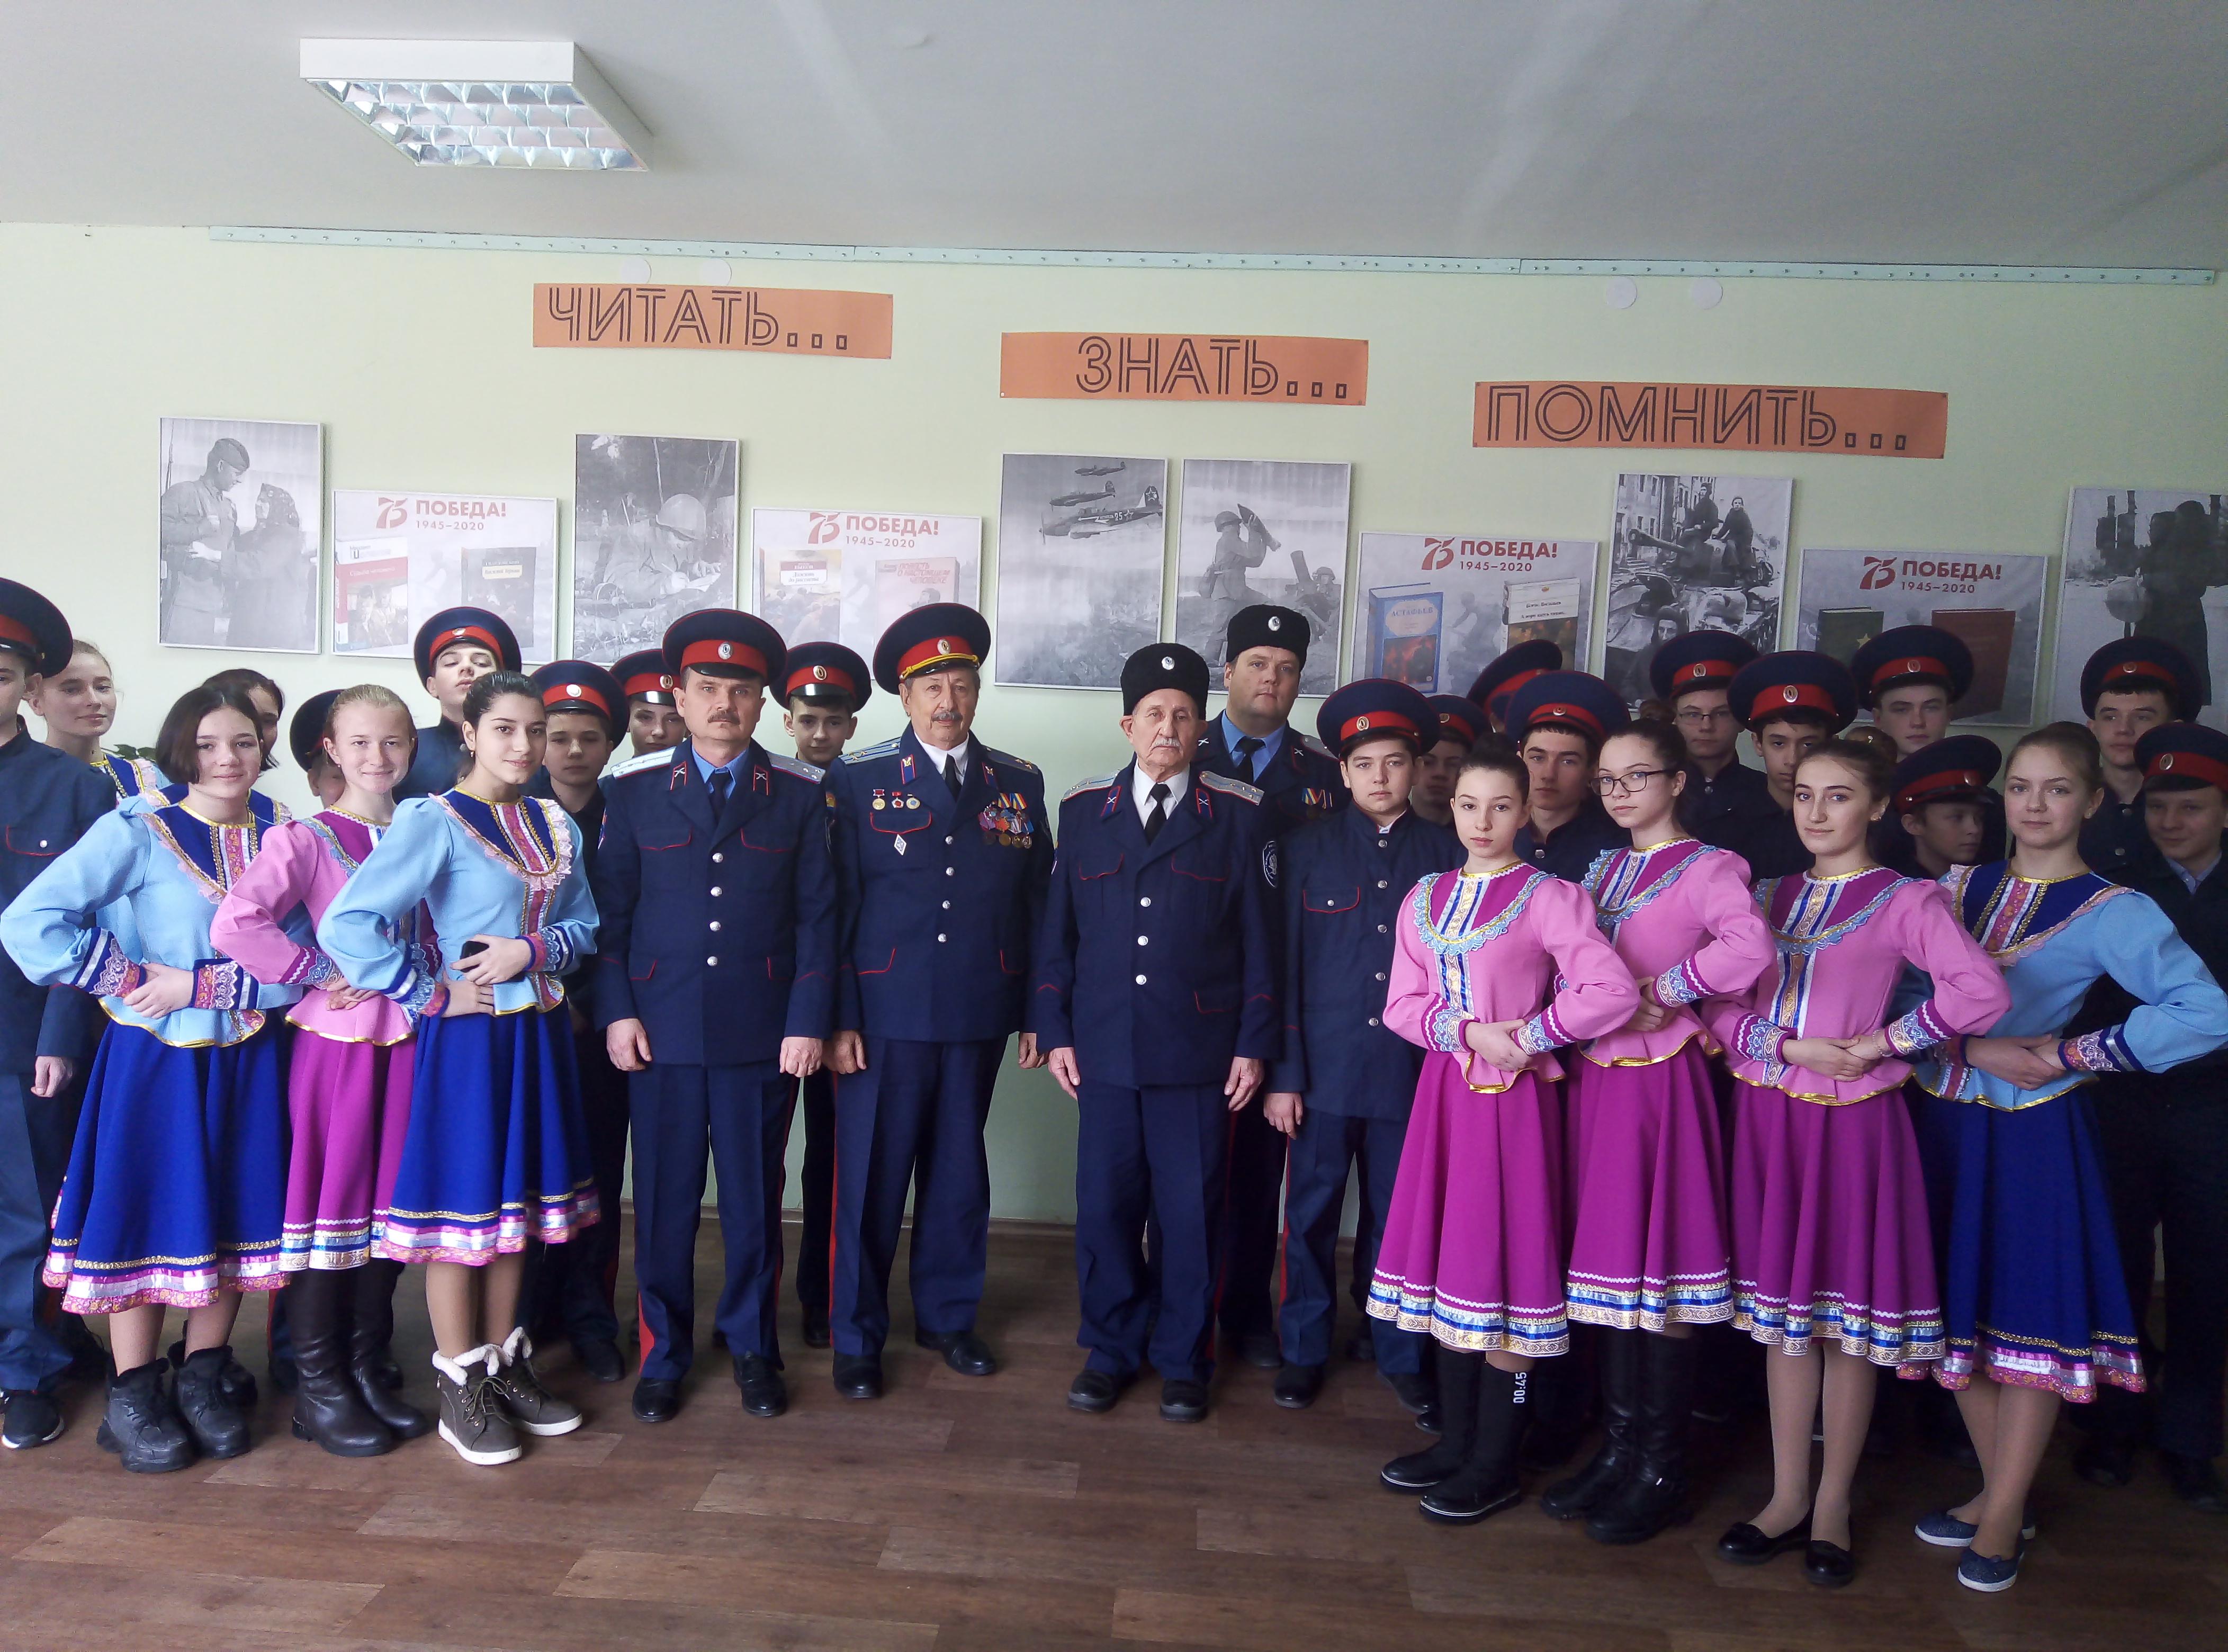 Донские казаки: 450 лет на службе Отечества